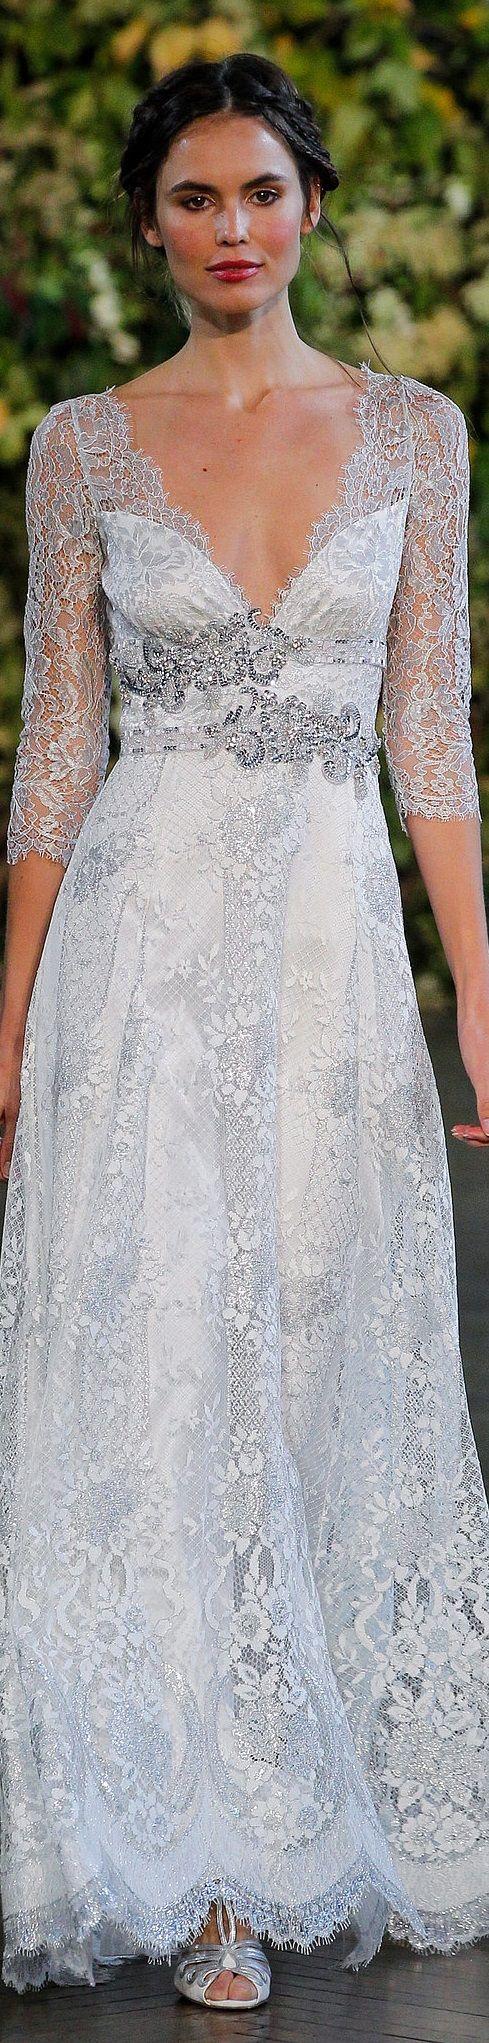 Claire Pettibone Bridal Autumn 2015.                                                                                                                                                      More